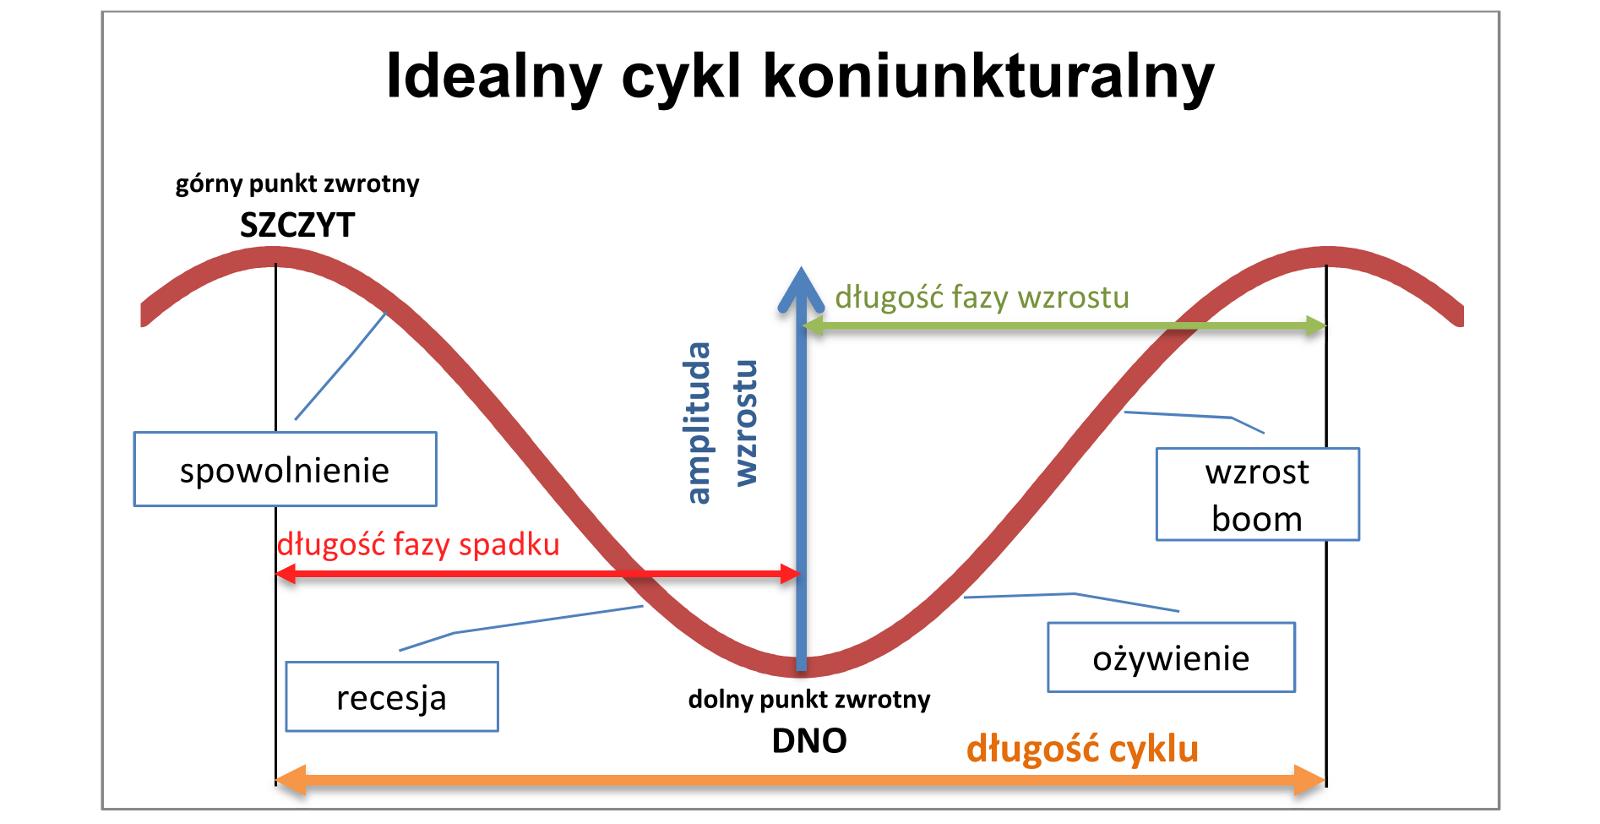 Znalezione obrazy dla zapytania Cykl koniunkturalny